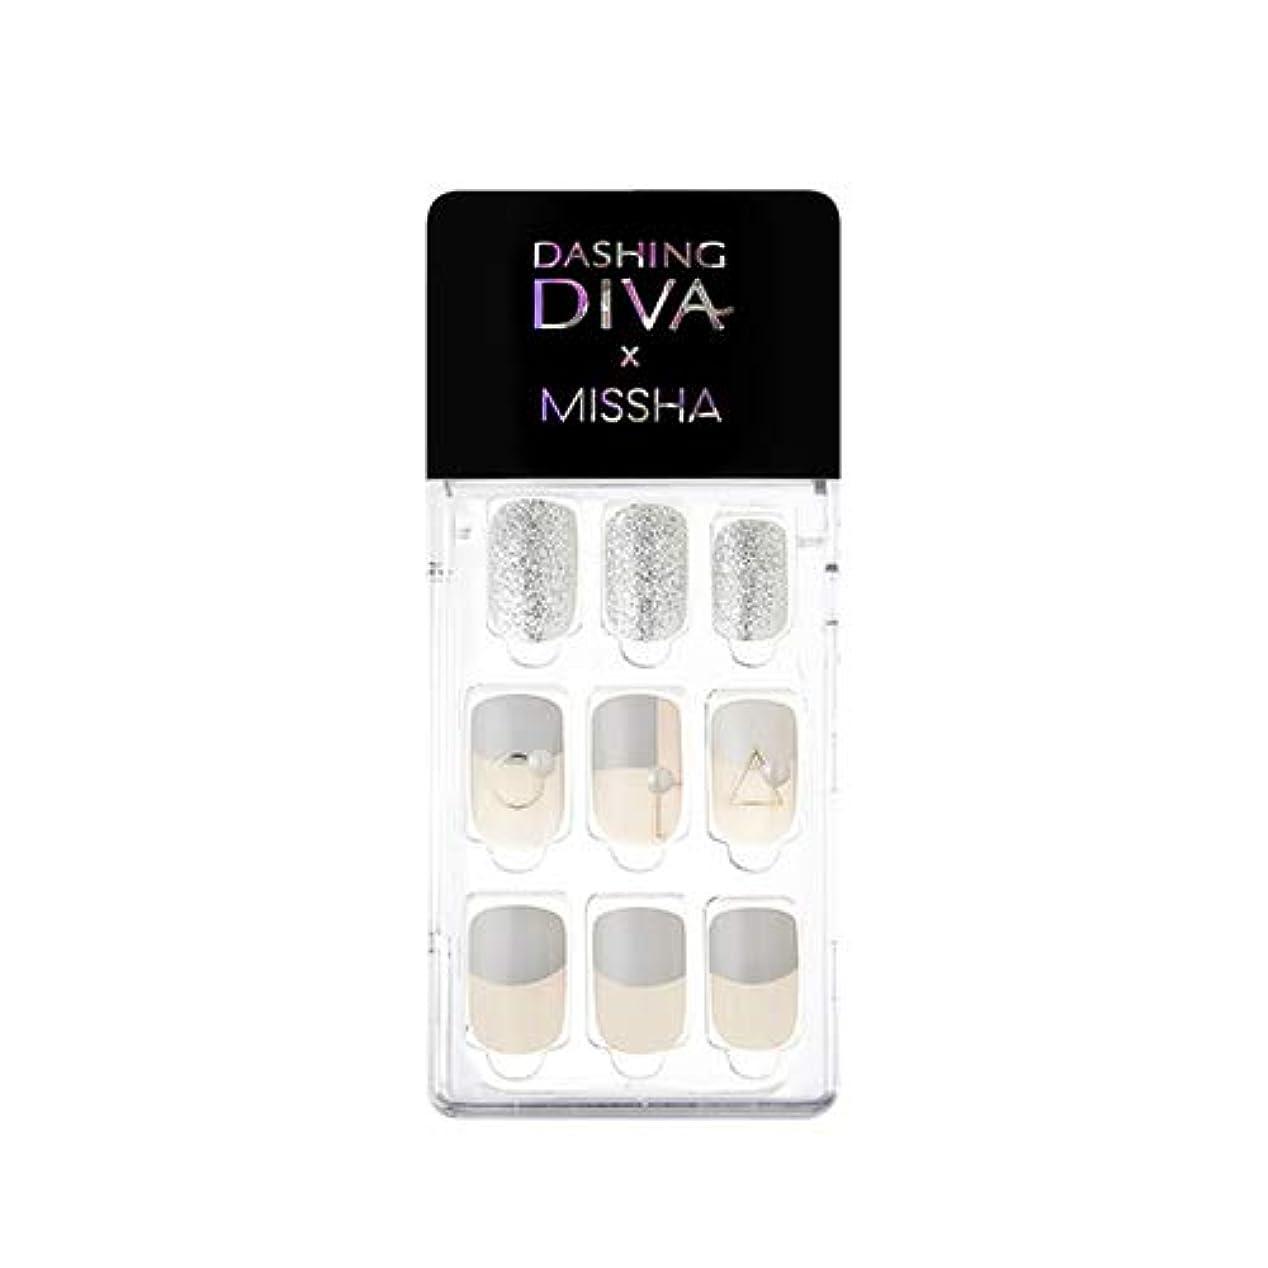 壁受け取るペレットミシャ ダッシングディバ マジックプレス スリム フィット MISSHA Dashing Diva Magic Press Slim Fit # MDR434